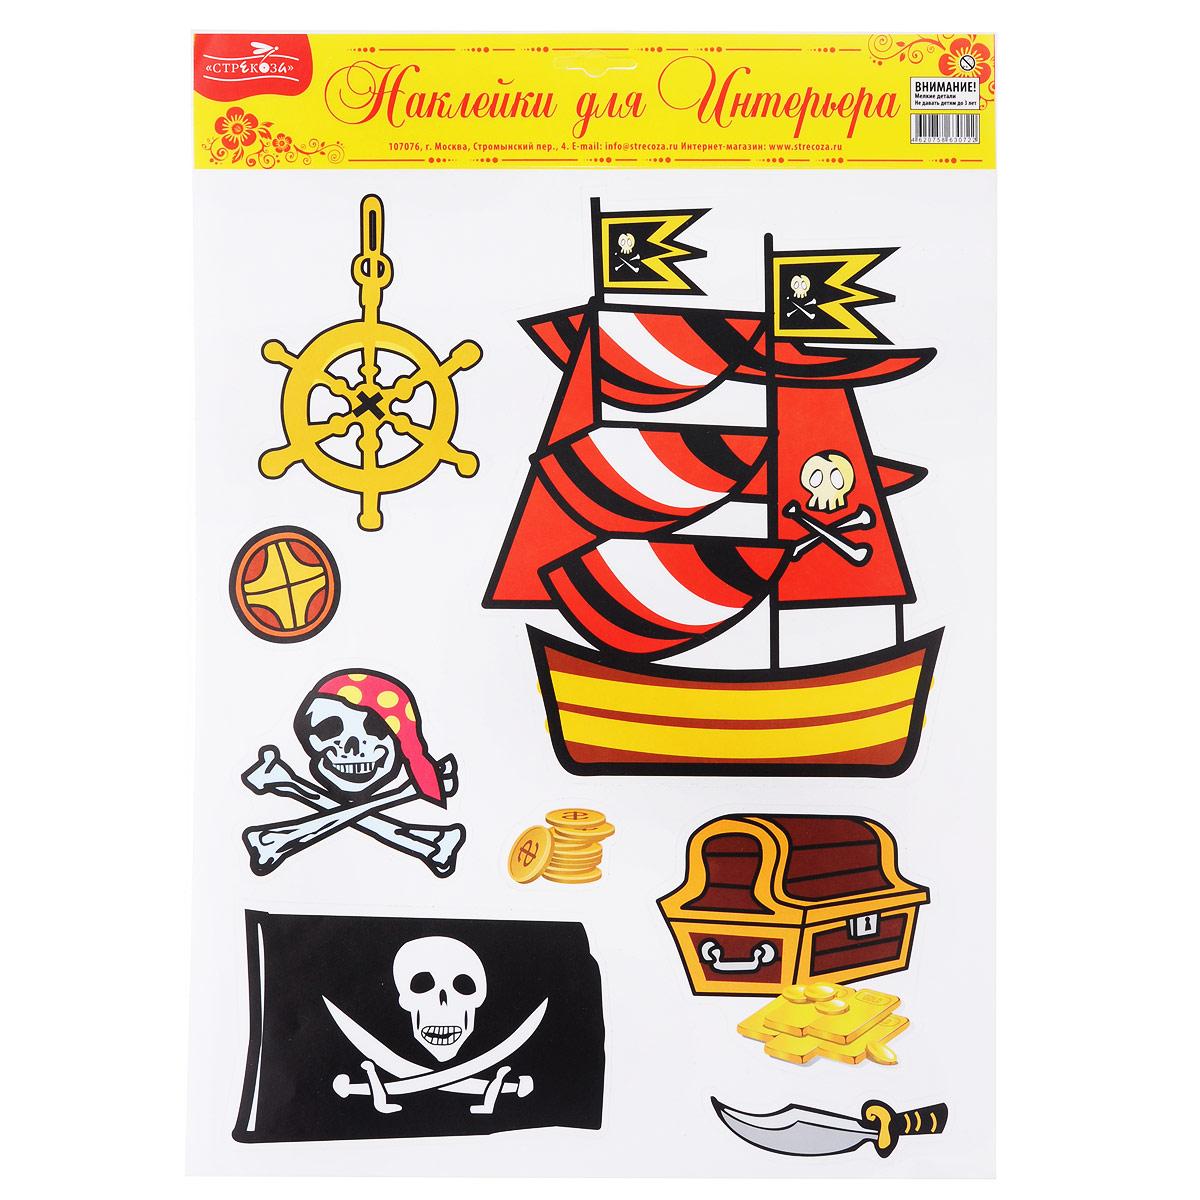 Наклейки для интерьера Стрекоза Пираты72037Наклейки для стен и предметов интерьера Стрекоза Пираты, изготовленные из самоклеящейся пленки, - это удивительно простой и быстрый способ оживить интерьер помещения. На листе расположены наклейки в виде пиратских символов: корабля, пиратского флага, сундука с сокровищами, штурвала и, конечно, Веселого Роджера. Интерьерные наклейки дадут вам вдохновение, которое изменит вашу жизнь и поможет погрузиться в мир красок, фантазий и творчества. Для вас открываются безграничные возможности придумать оригинальный дизайн и придать новый вид стенам и мебели. Наклейки абсолютно безопасны для здоровья. Они быстро и легко наклеиваются на любые ровные поверхности: стены, окна, двери, кафельную плитку, виниловые и флизелиновые обои, стекла, мебель. При необходимости удобно снимаются, не оставляют следов и не повреждают поверхность (кроме бумажных обоев).